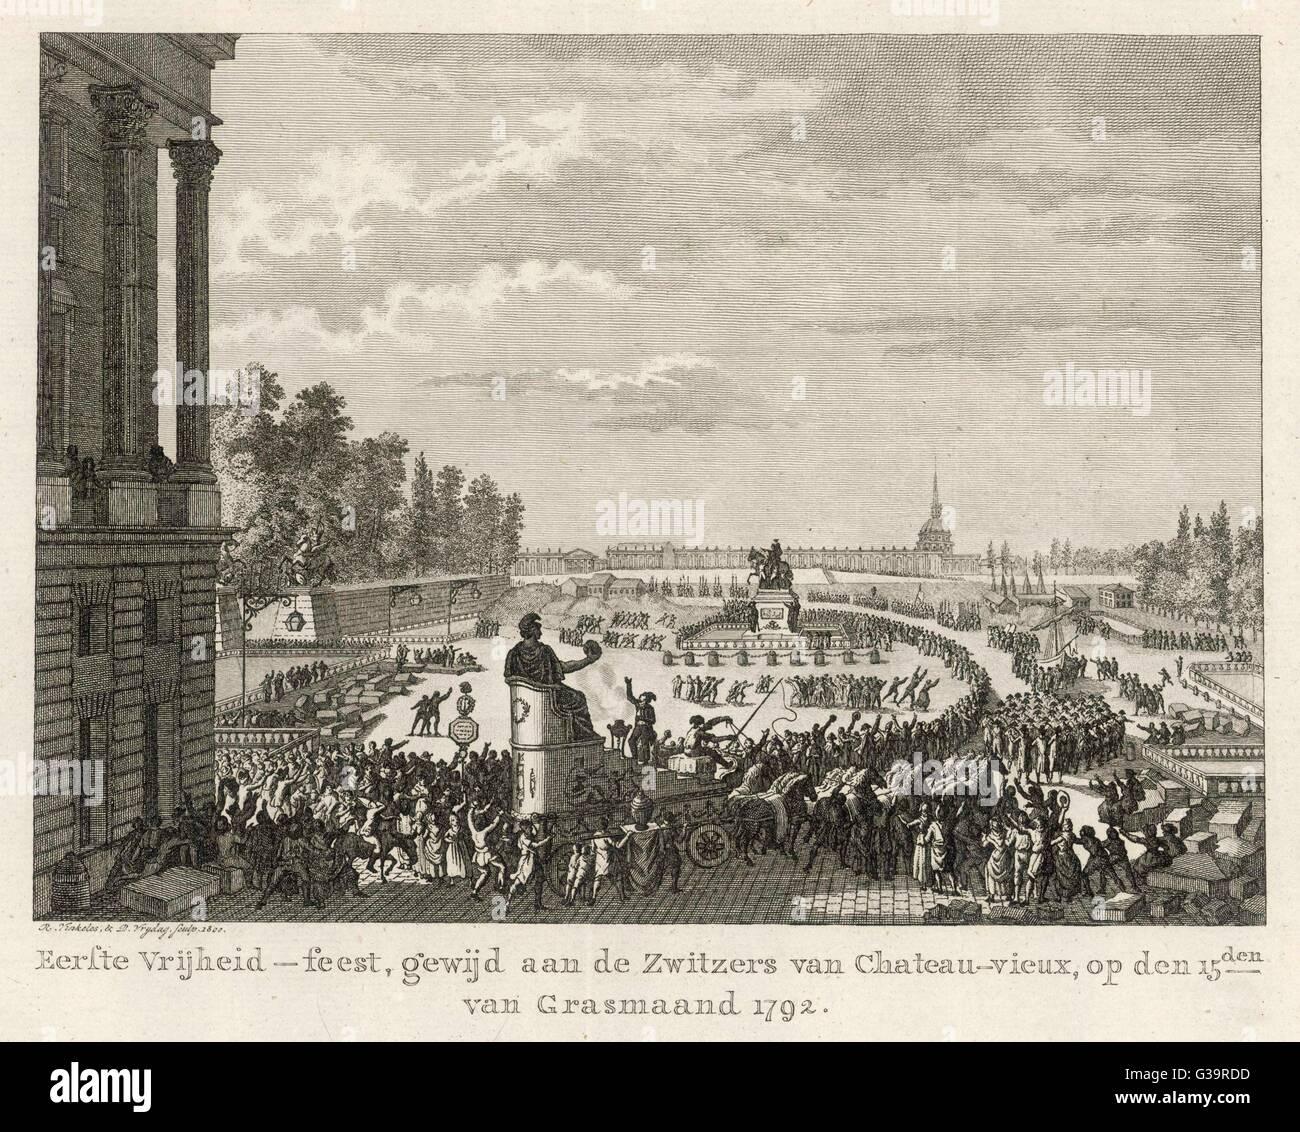 El Festival de la libertad. Fecha: 15 de abril de 1792 Imagen De Stock